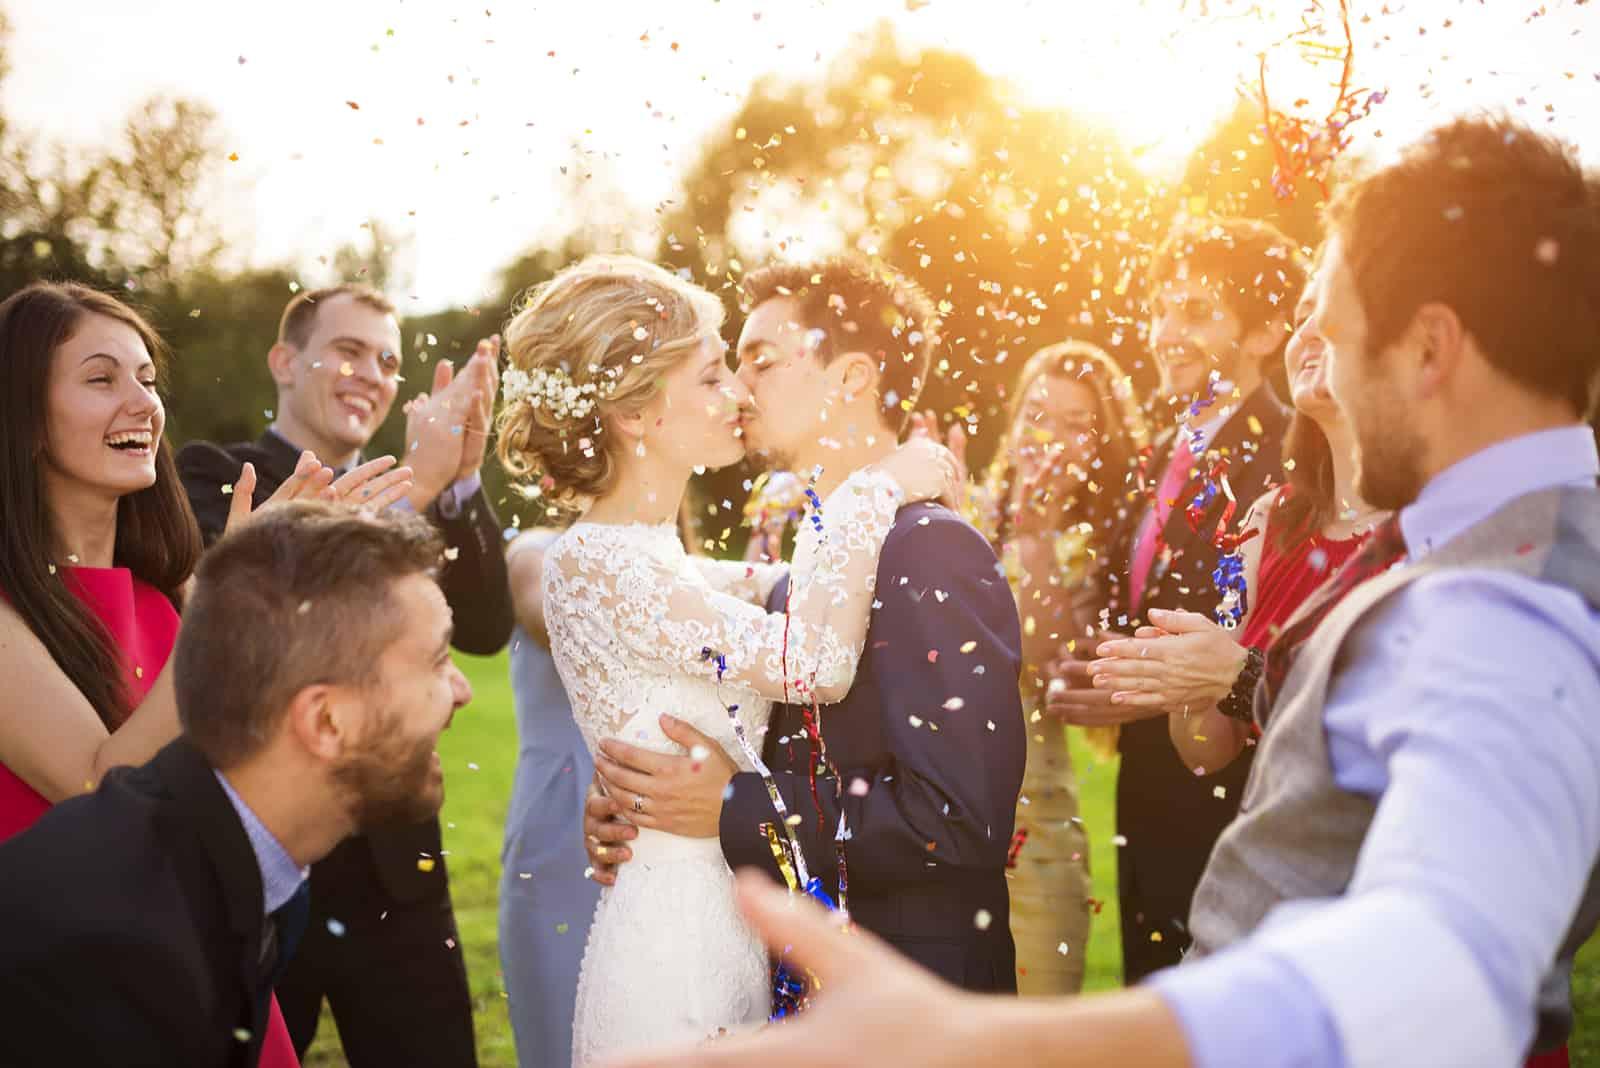 Jungvermähltenpaar und ihre Freunde auf der Hochzeitsfeier duschten mit Konfetti im grünen, sonnigen Park